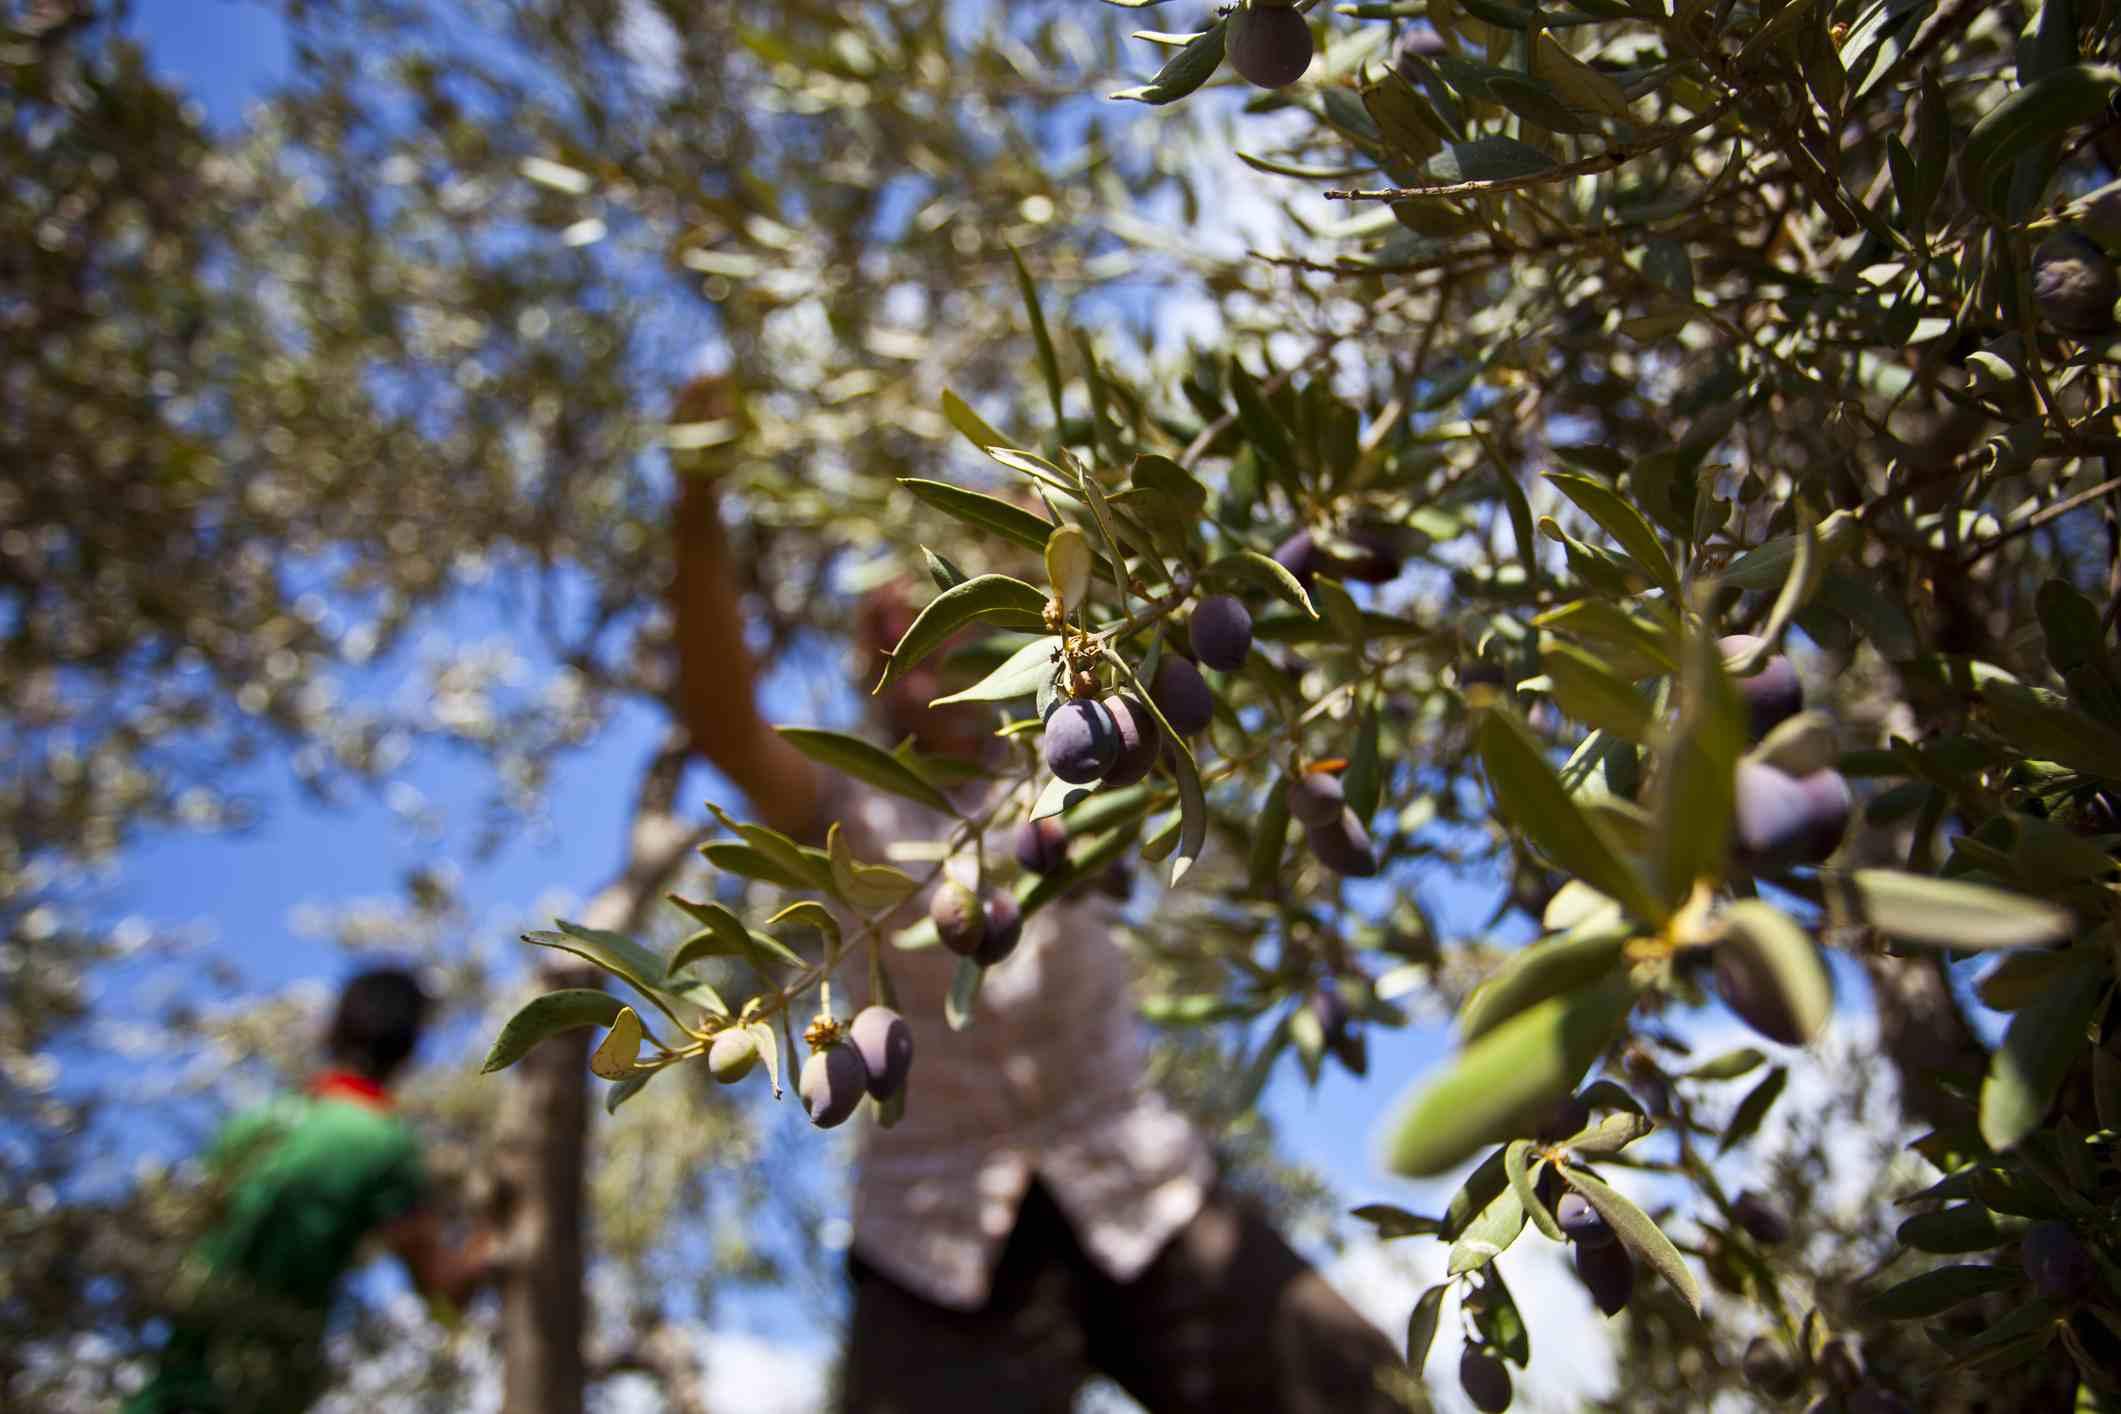 Harvesting Amfissa olives